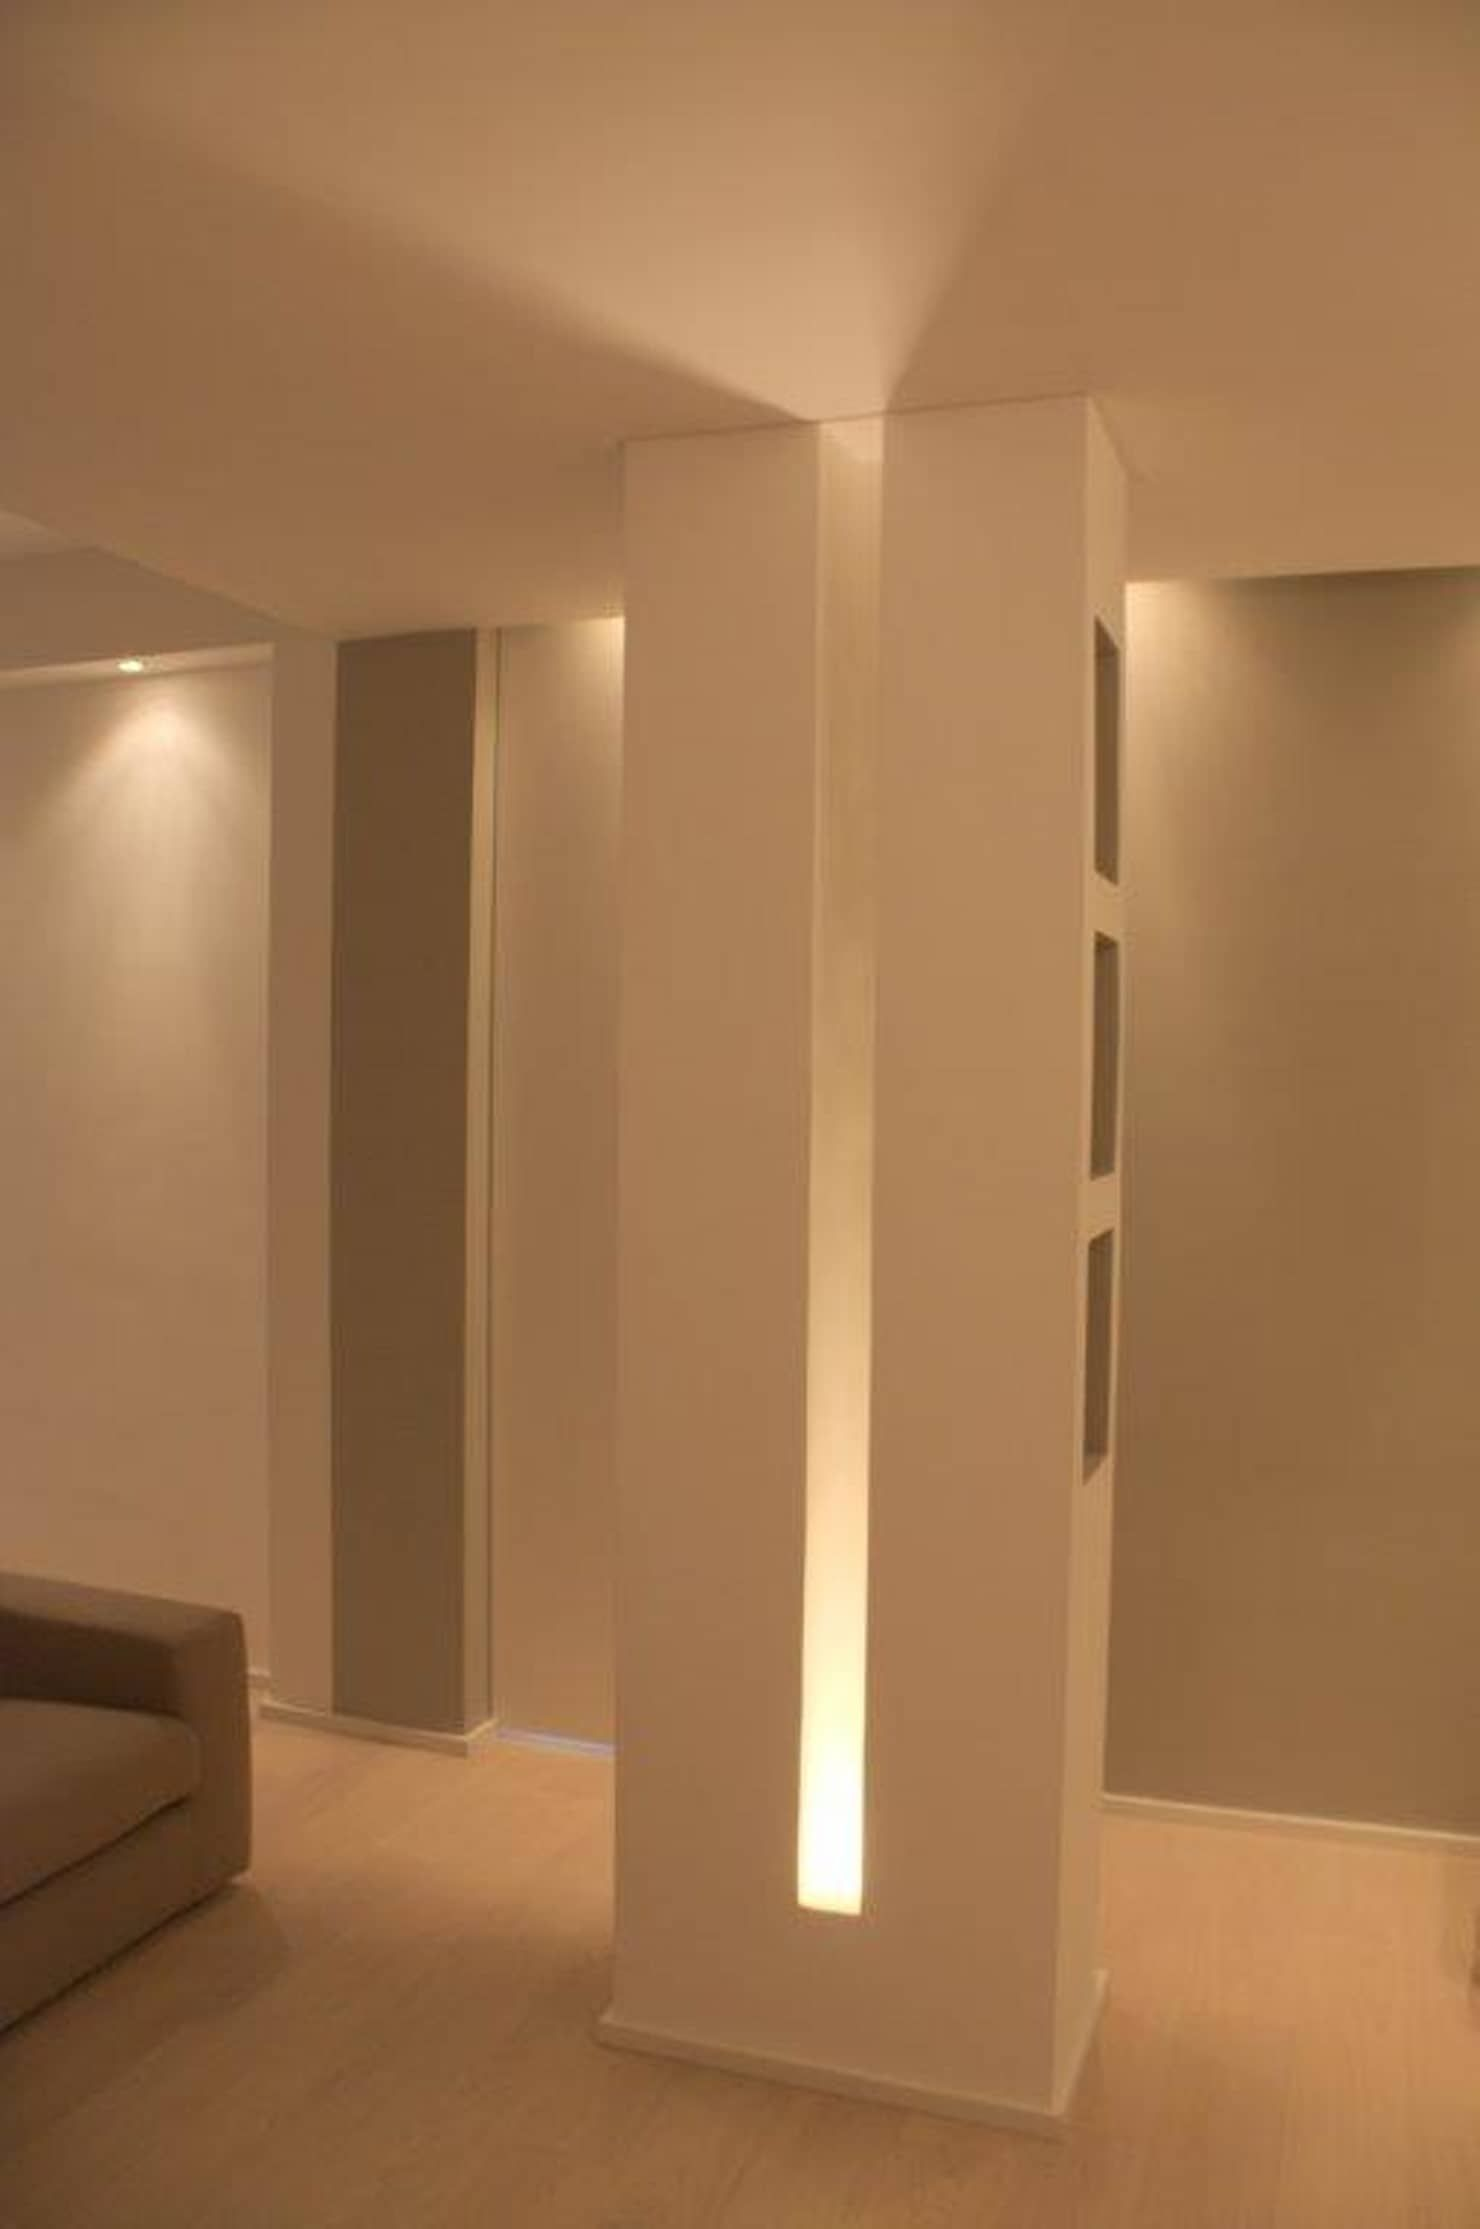 Dettagli del pilastro silvia panaro architettura e design ...